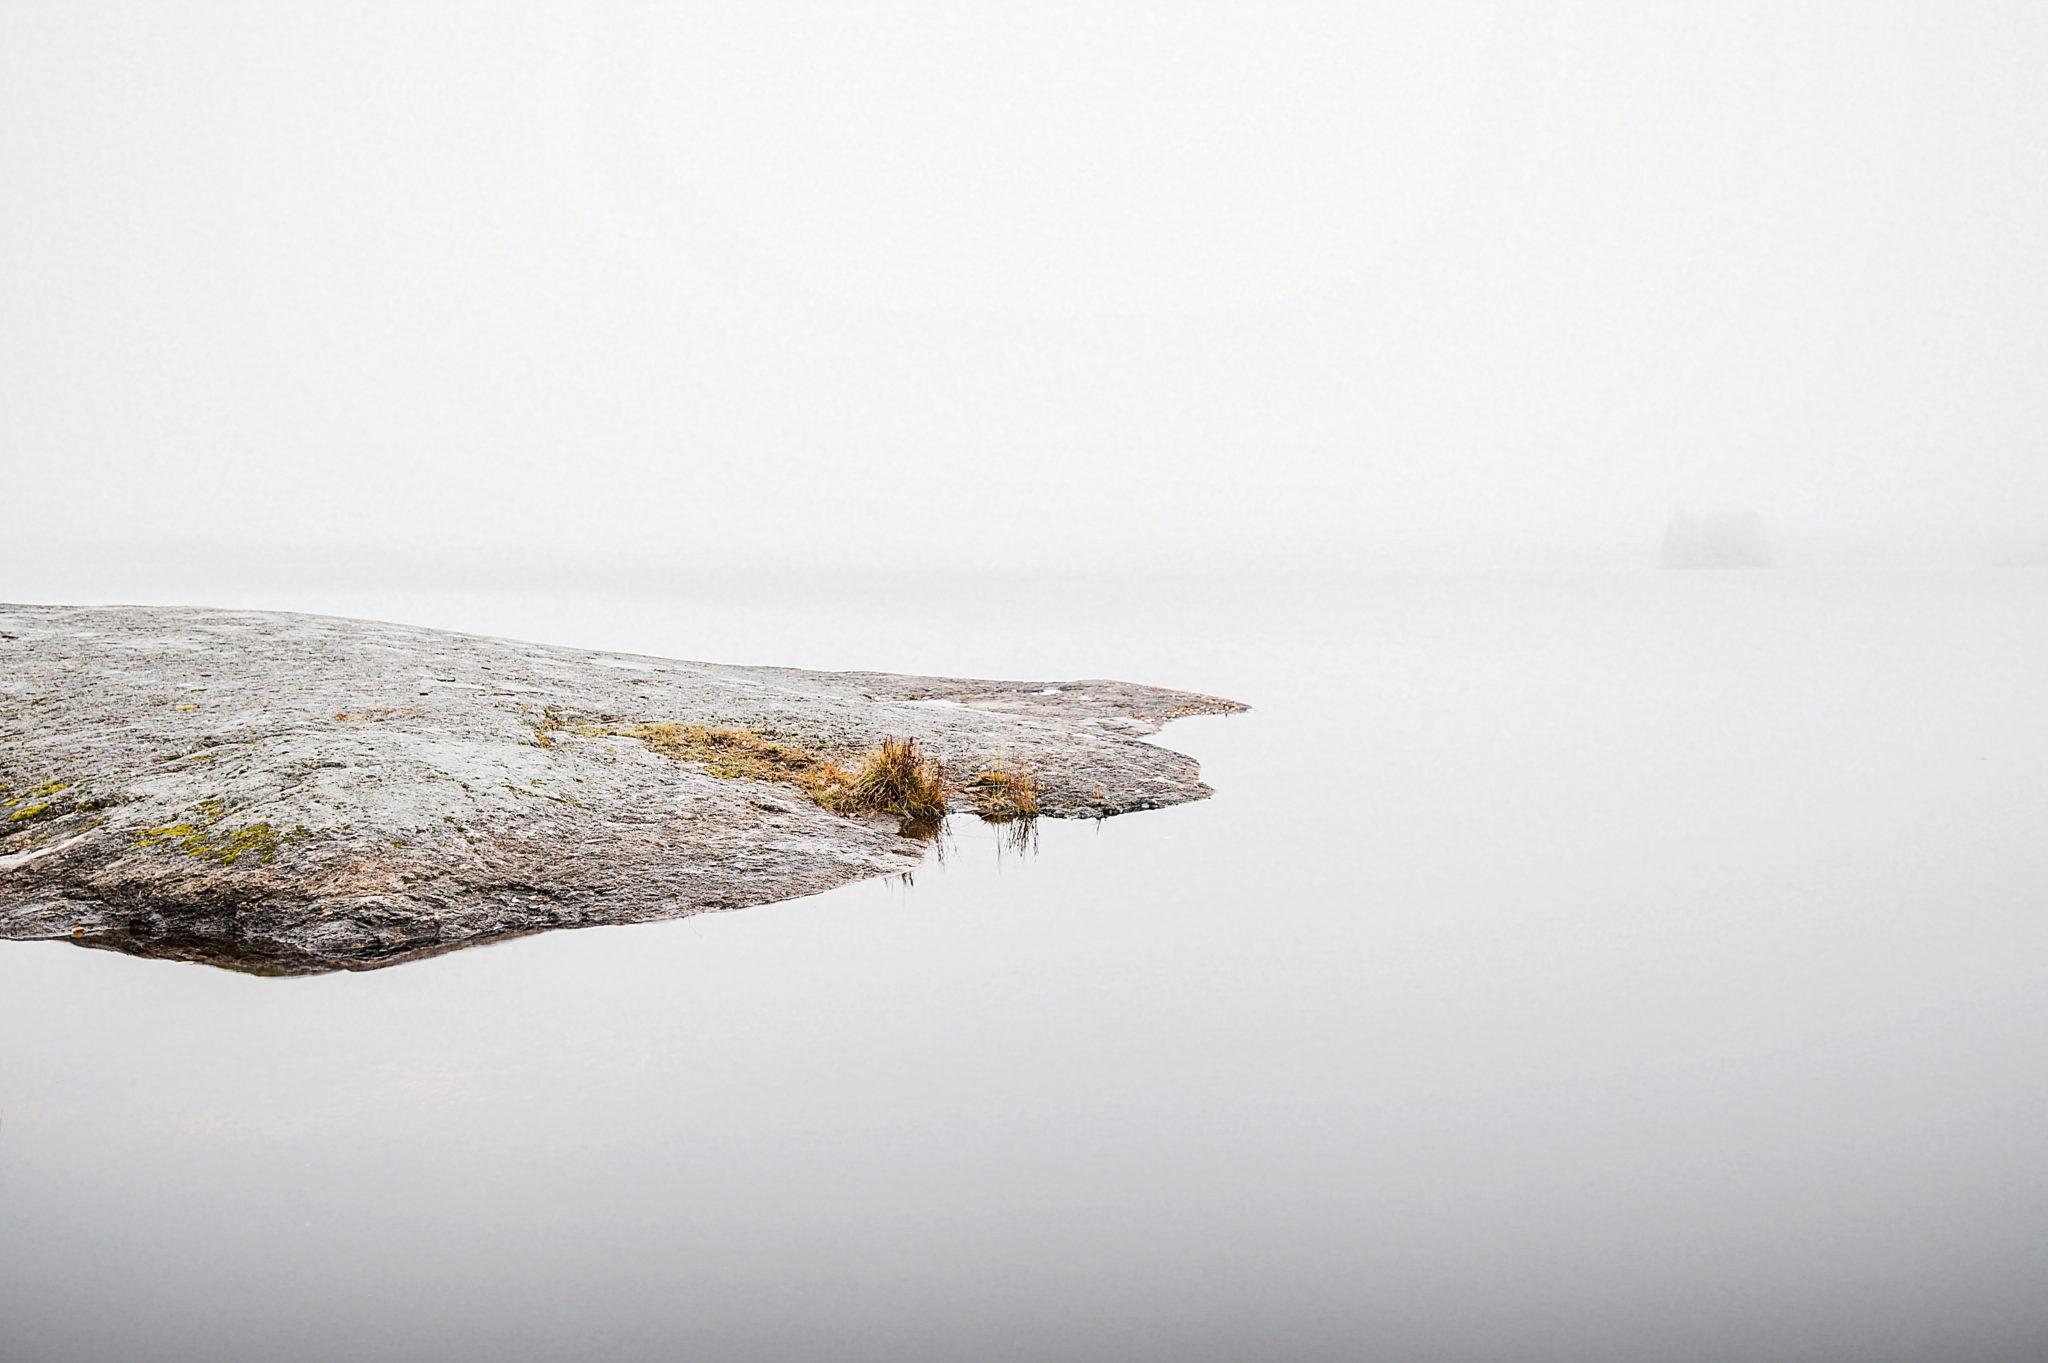 Sumuinen päivä #2 – One Foggy Day #2